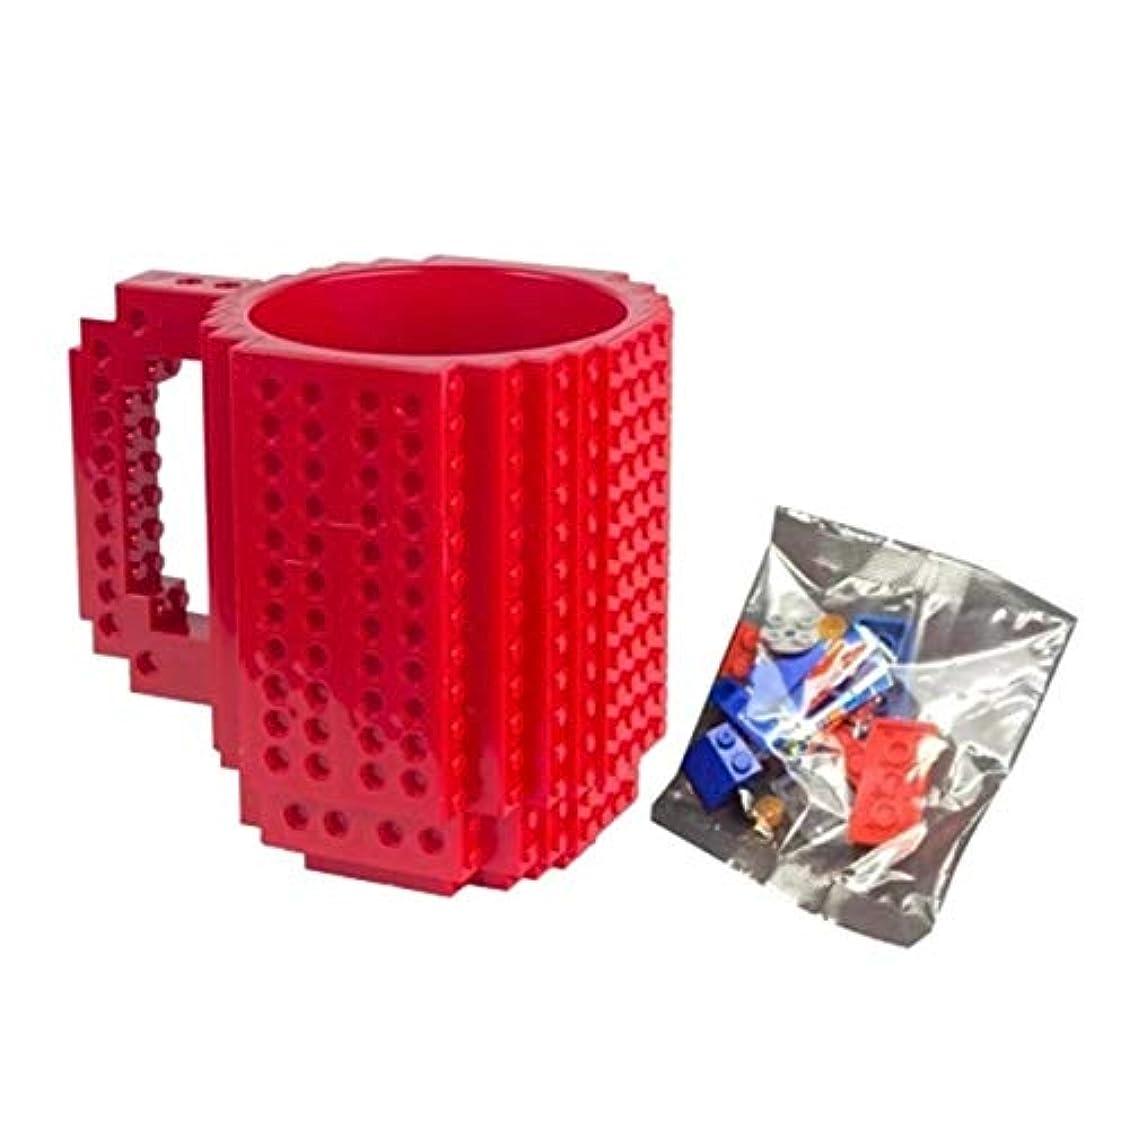 責めどこか昨日Saikogoods レンガマグカップDIY?ビルディング?ブロックのコーヒーカップを構築 赤